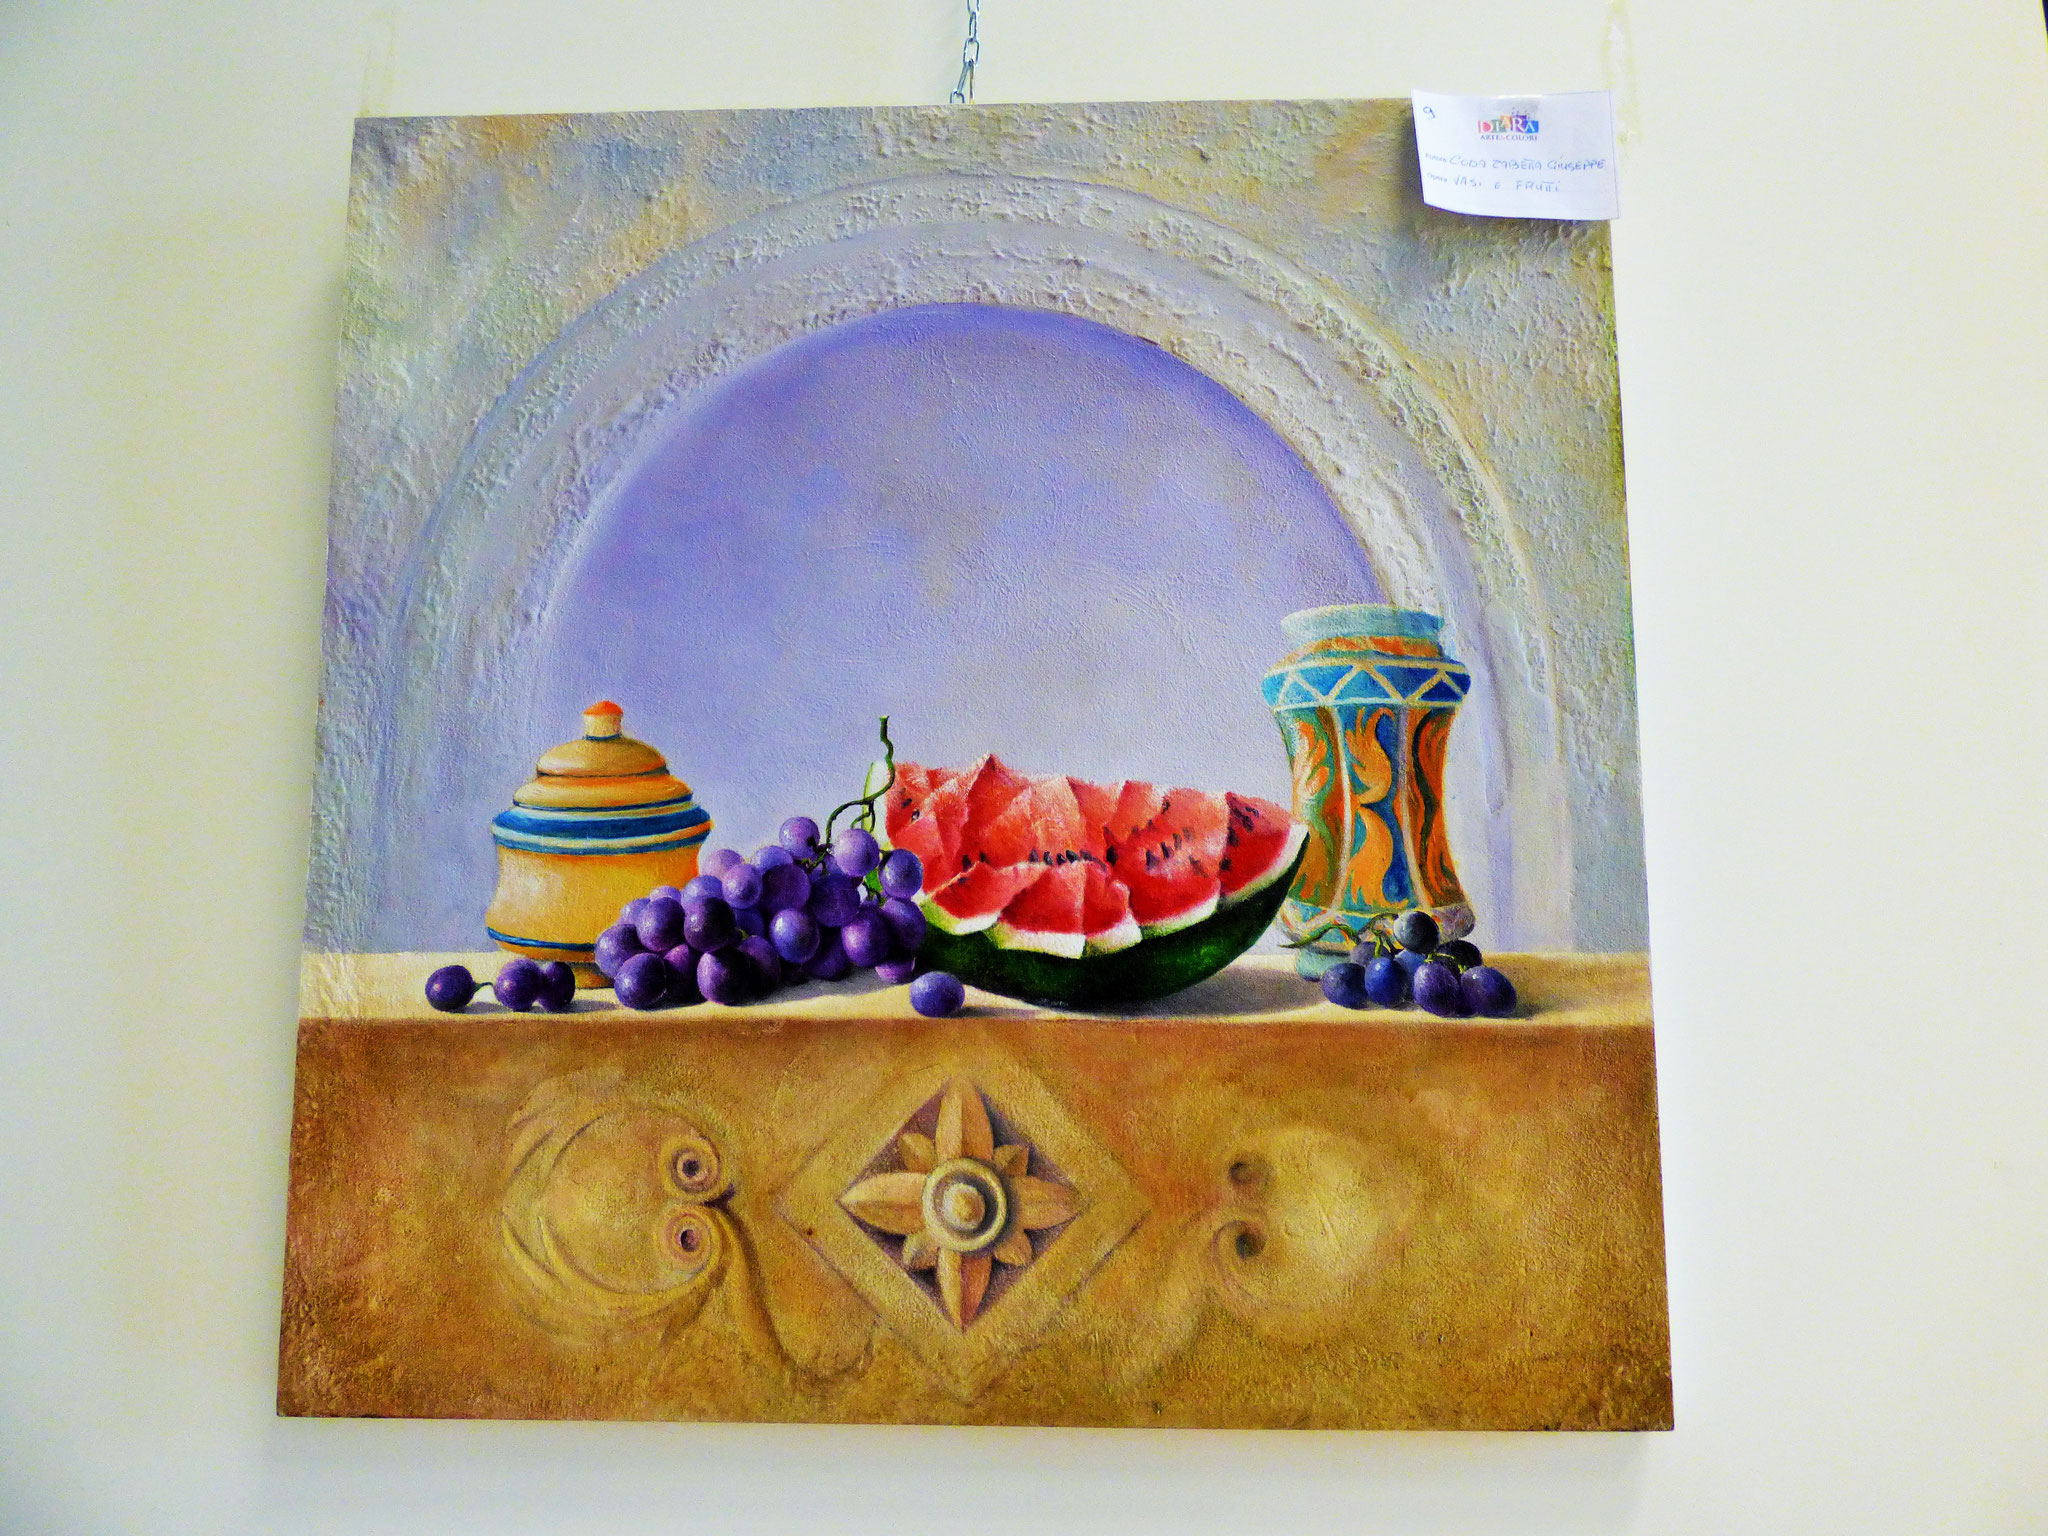 Rivergaro: DIARA Arte & Colori - IV concorso di Pittura ed.2018 - Coda Zabetta Giuseppe - Vasi e Frutti